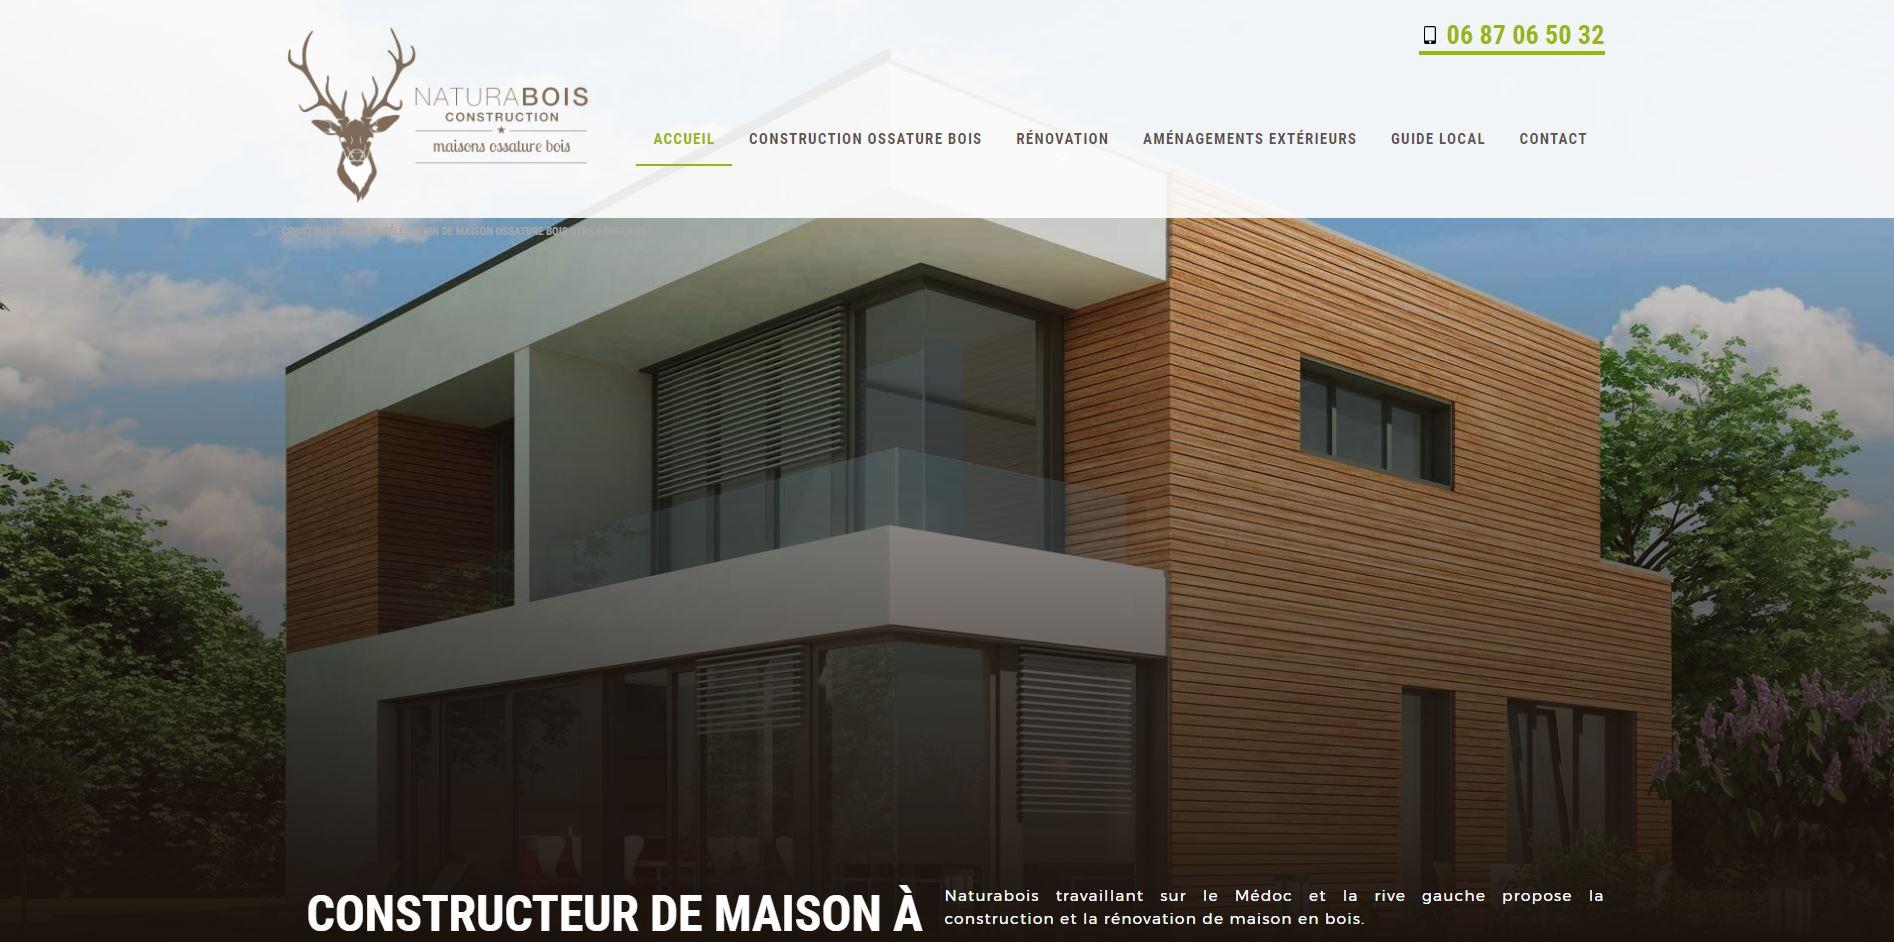 Constructeur maison ossature bois bordeaux naturabois for Constructeur maison marseille